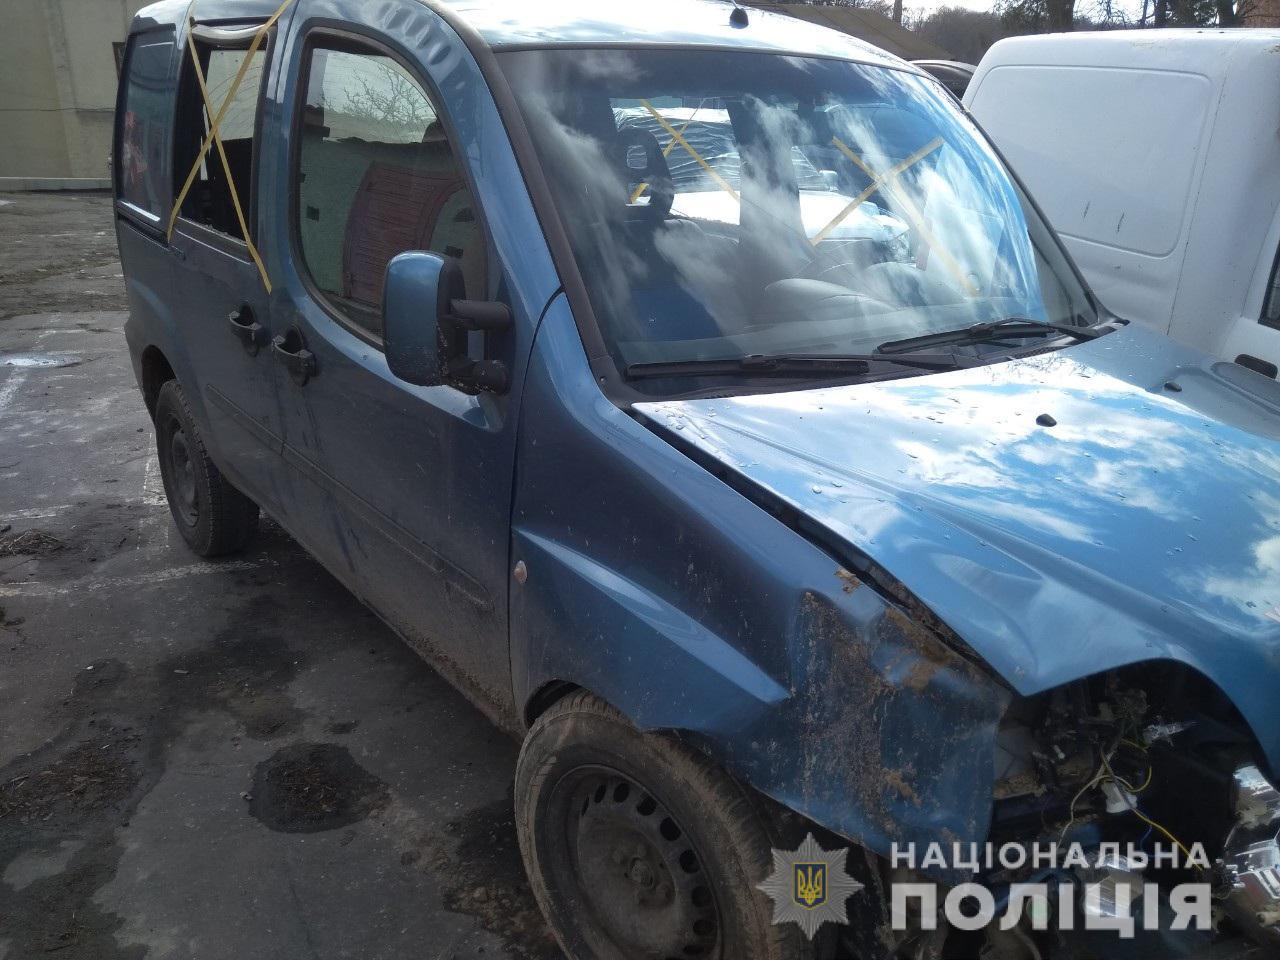 На Волині автомобіль злетів у кювет, водій загинув